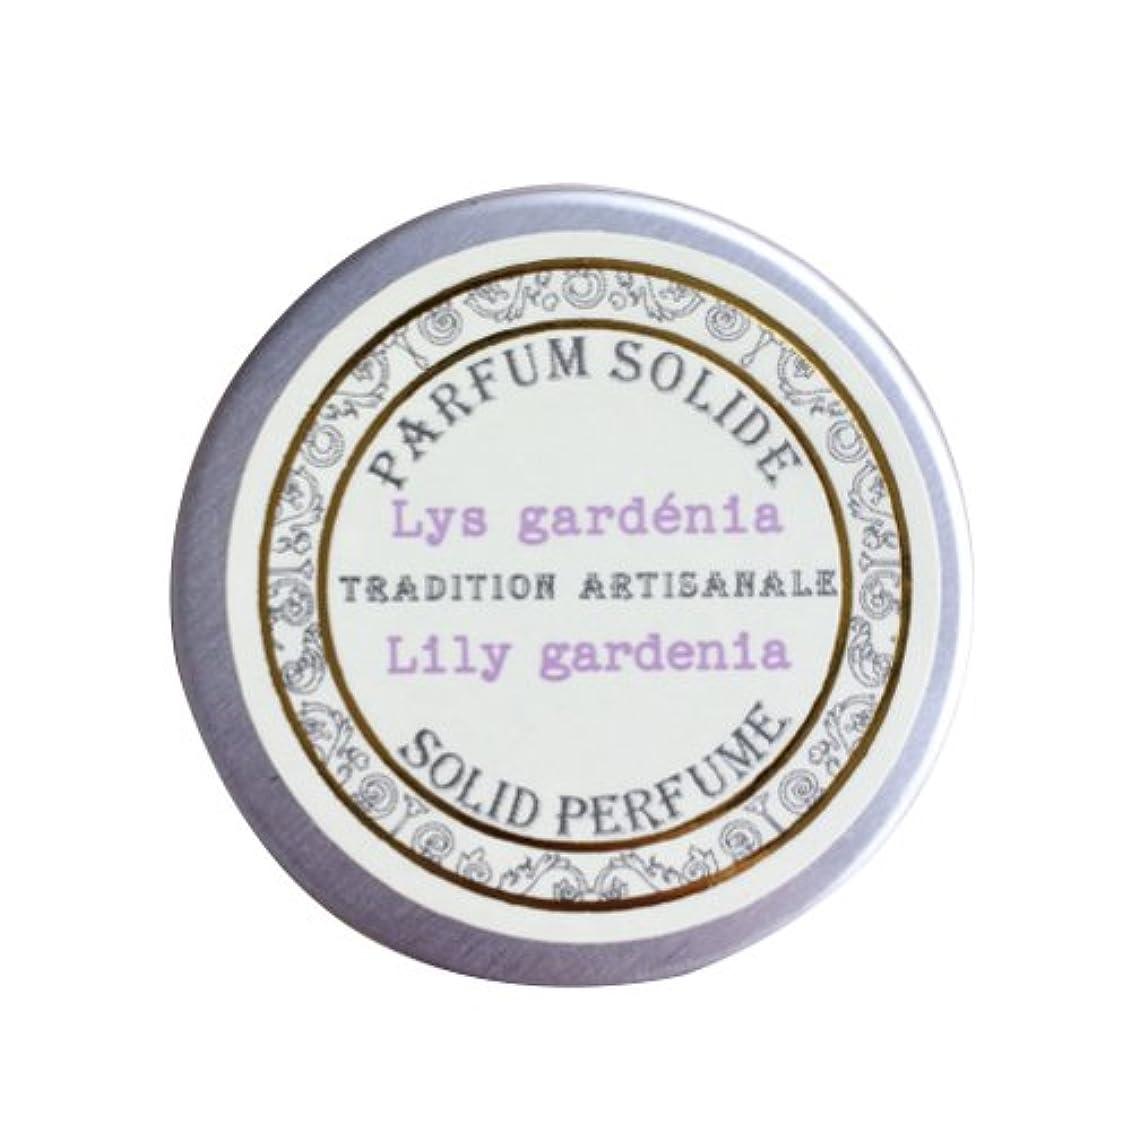 くさびオーバーランごちそうSenteur et Beaute(サンタールエボーテ) フレンチクラシックシリーズ 練り香水 10g 「リリーガーデニア」 4994228023070